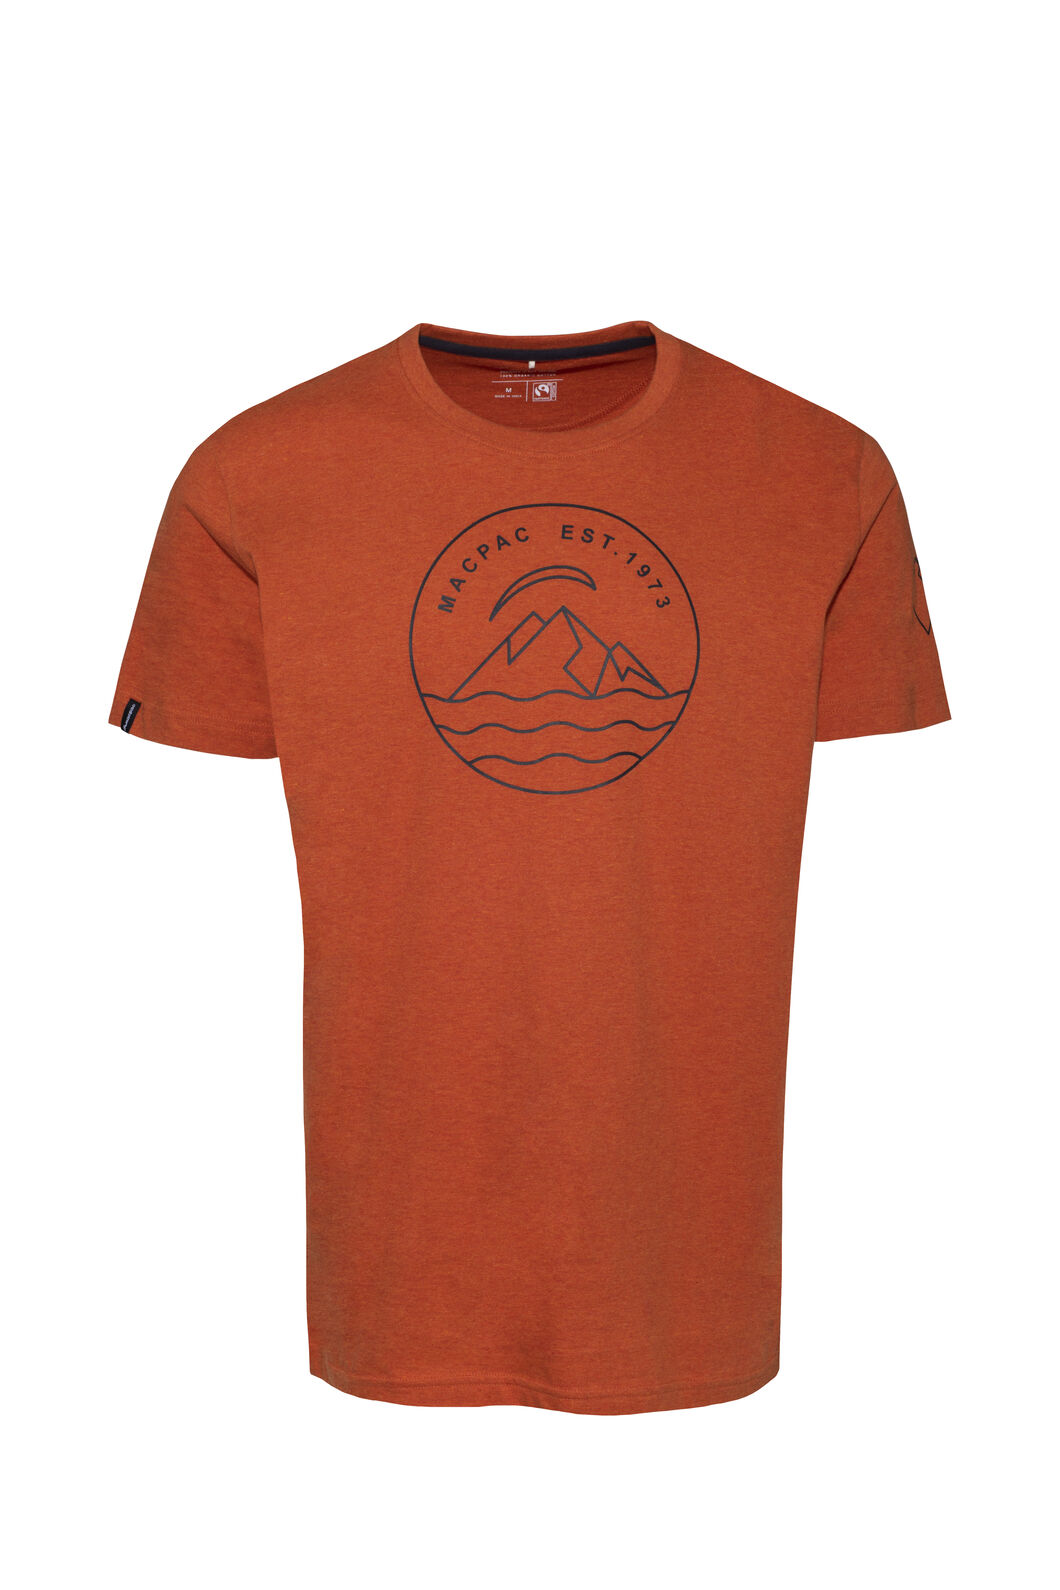 Macpac EST 1973 Fairtrade Organic Cotton Tee — Men's, Burnt Orange, hi-res